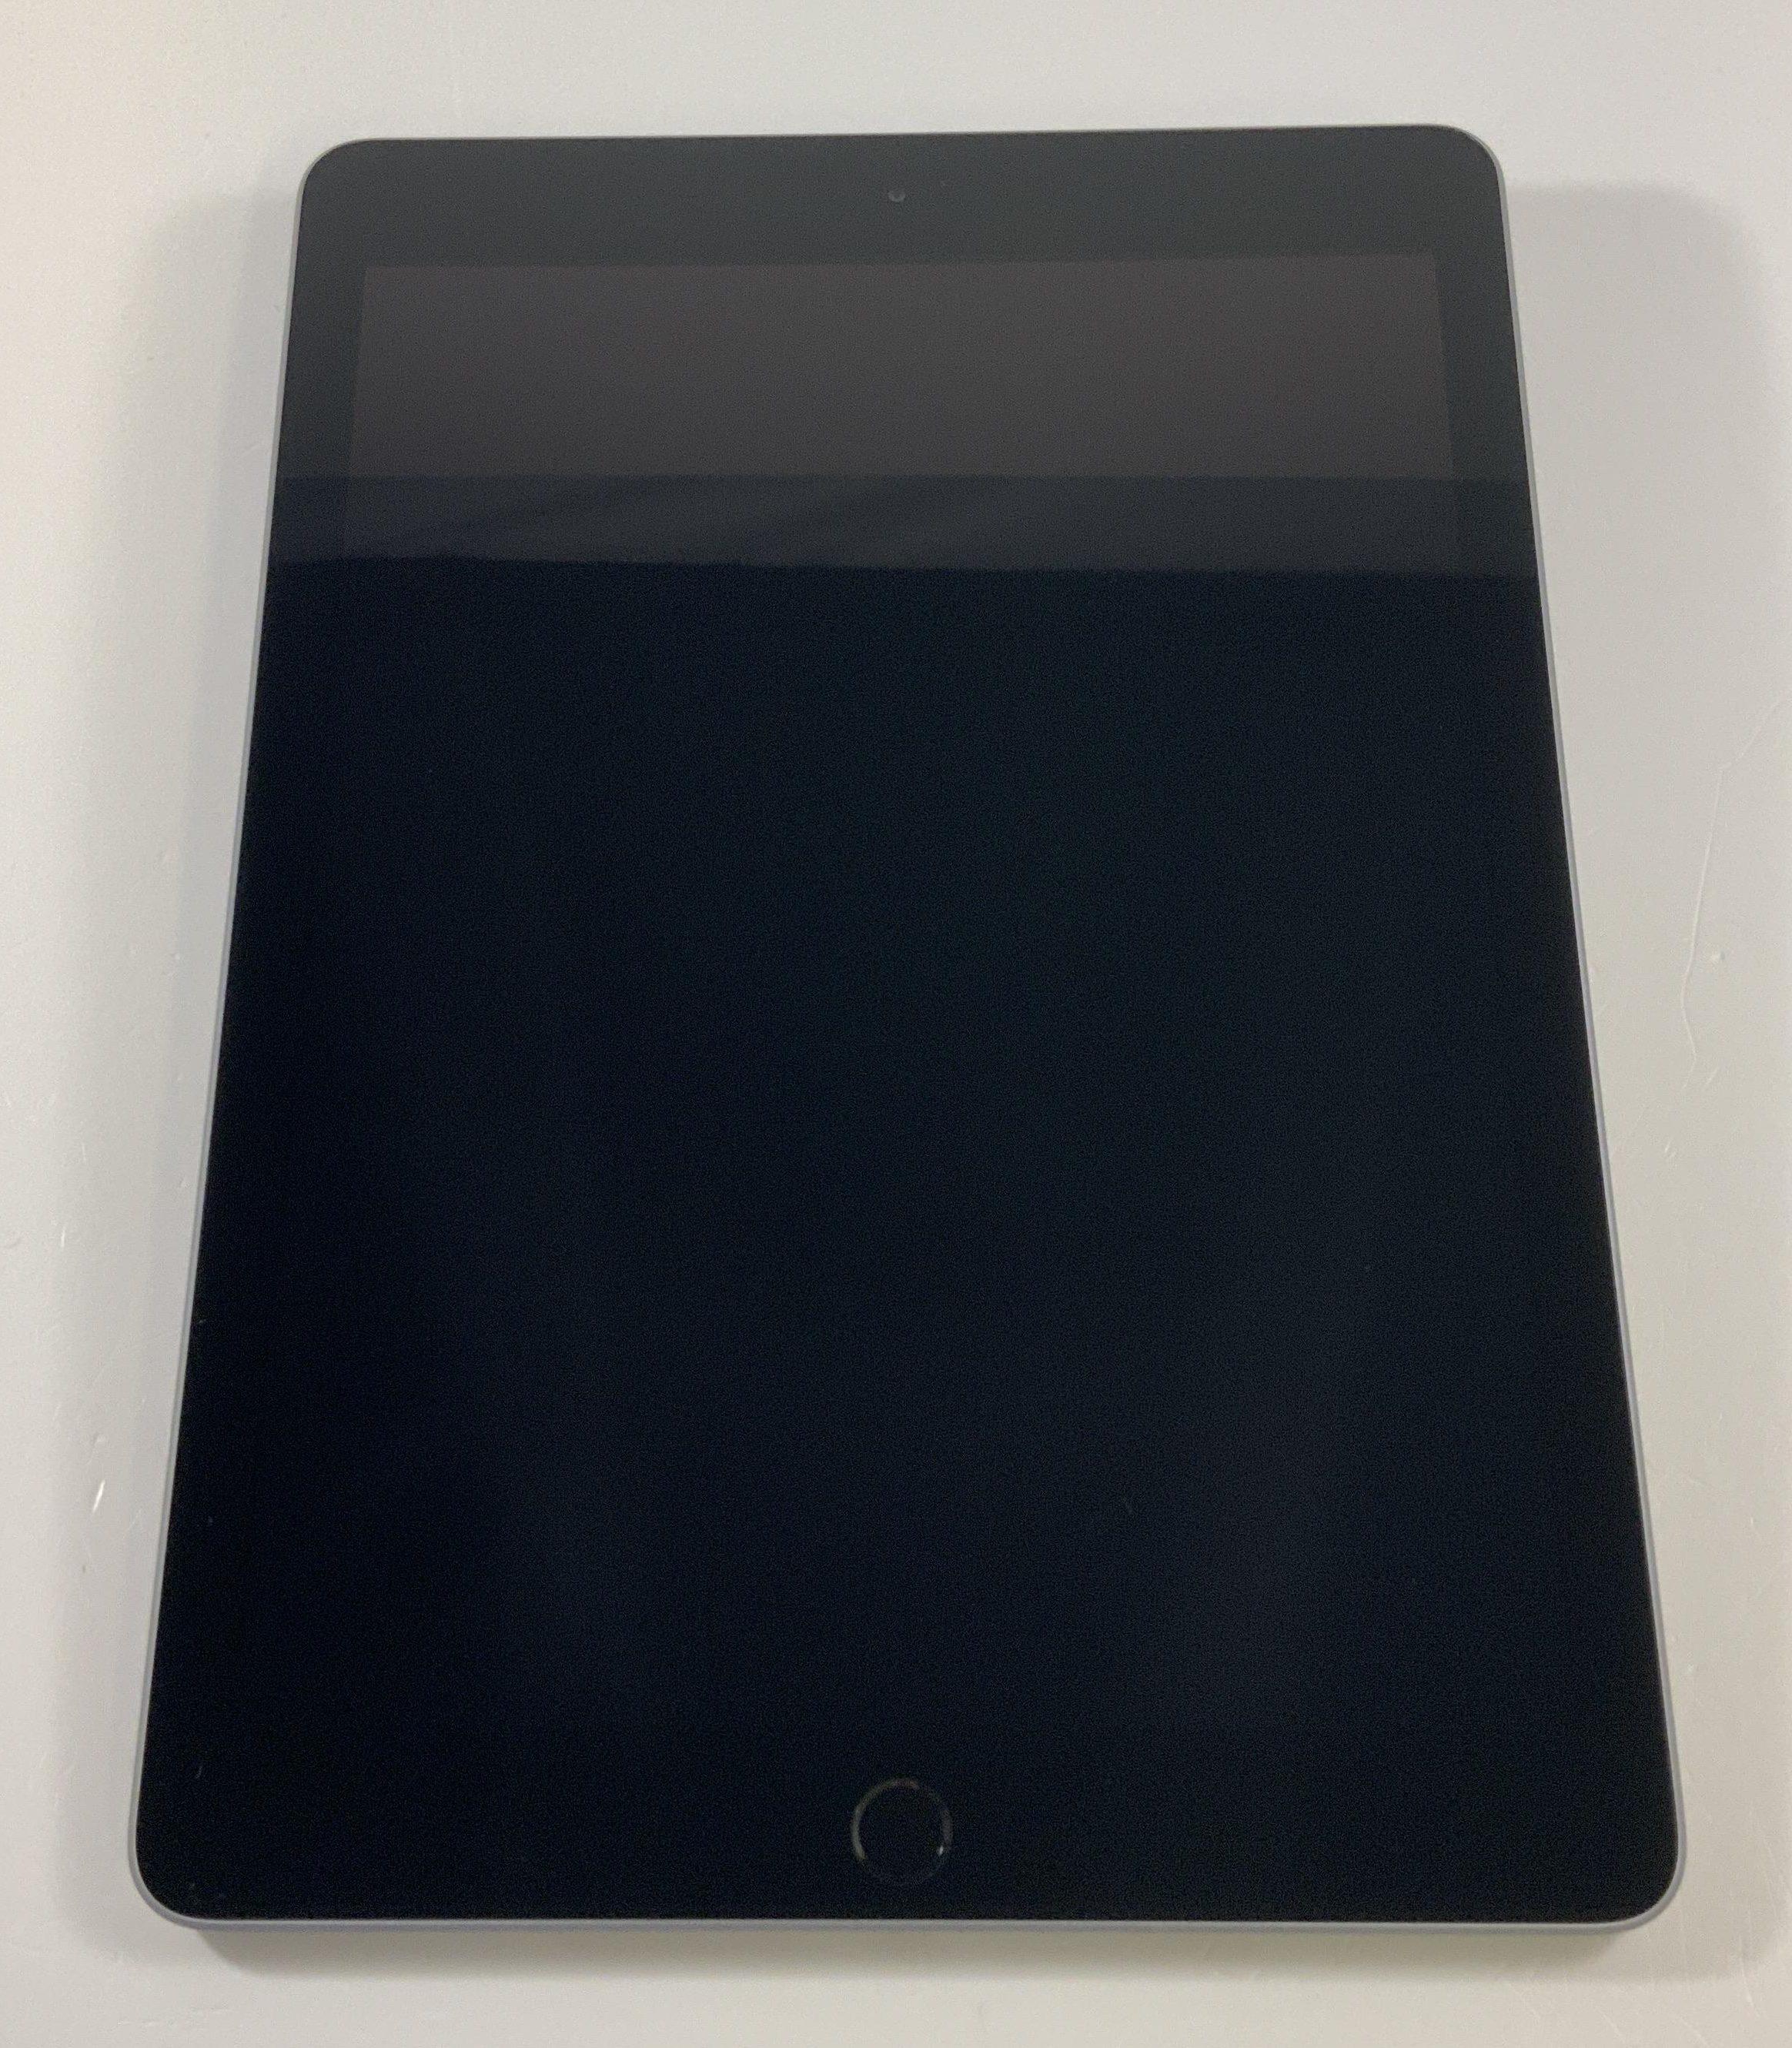 iPad 6 Wi-Fi 32GB, 32GB, Space Gray, Afbeelding 1